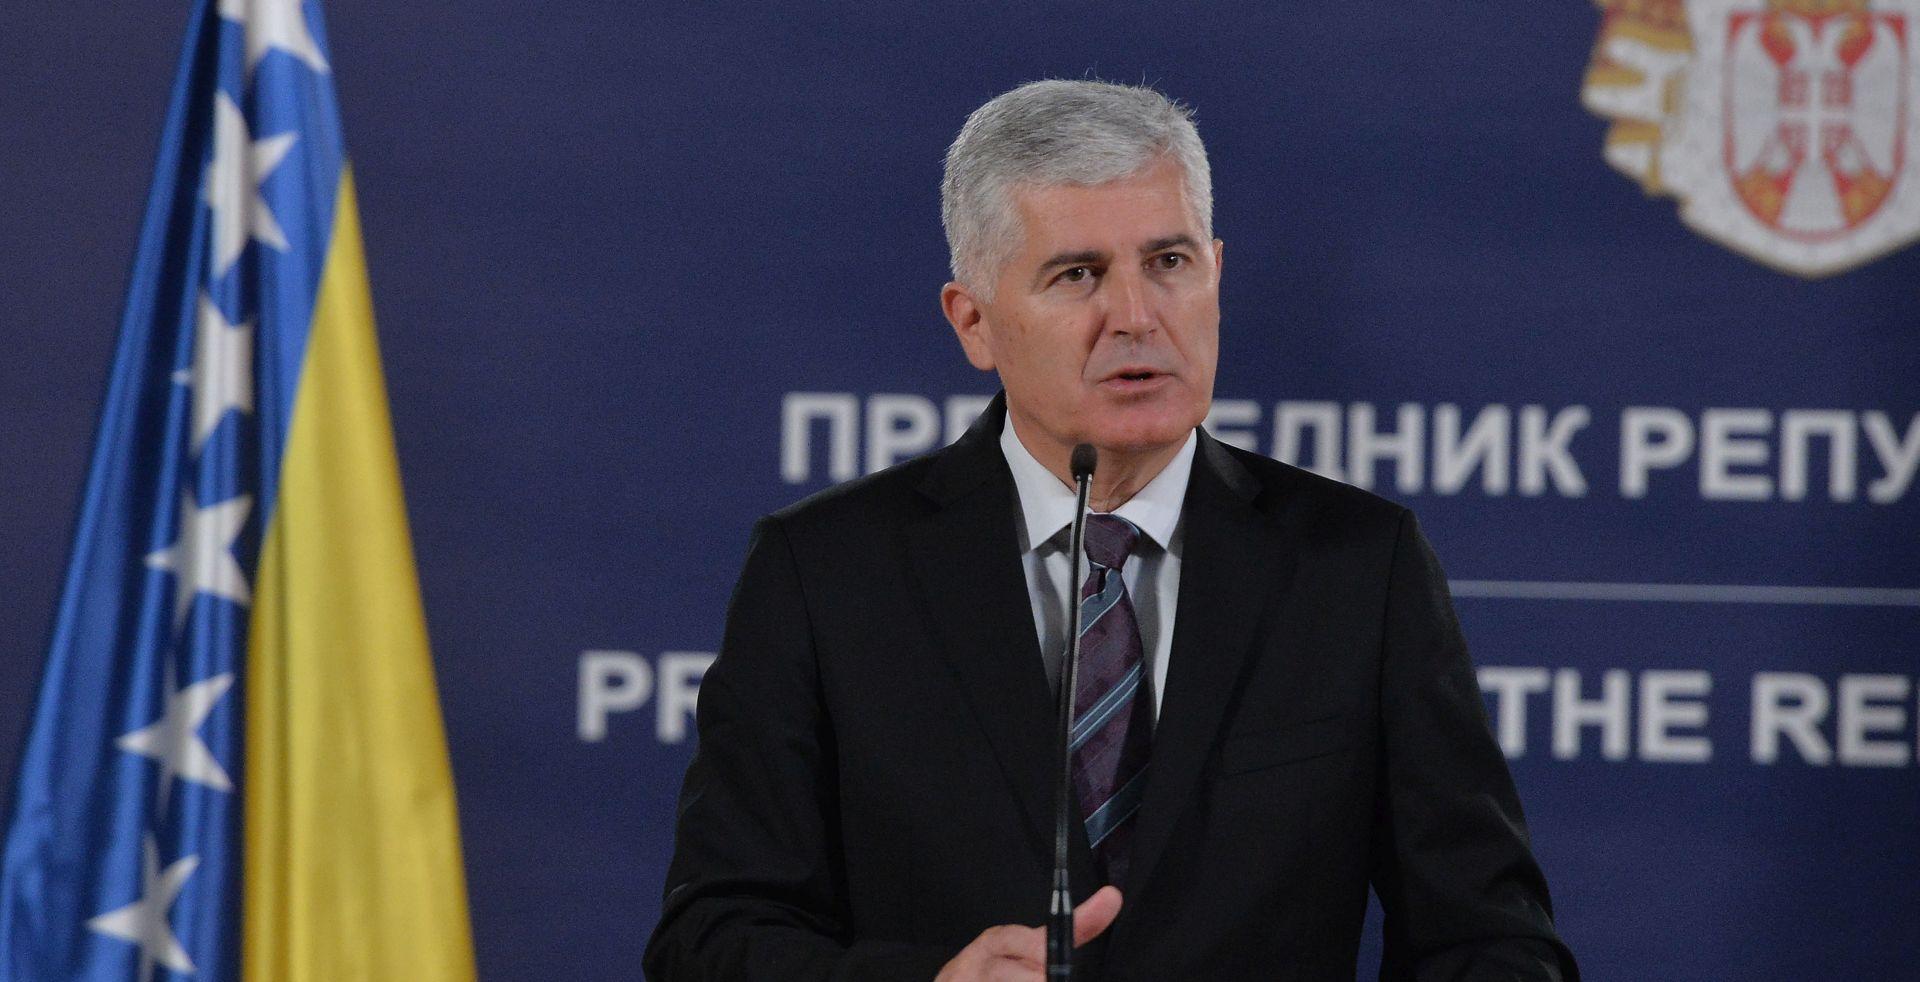 'Jedini put za BiH je euroatlantska integracija'